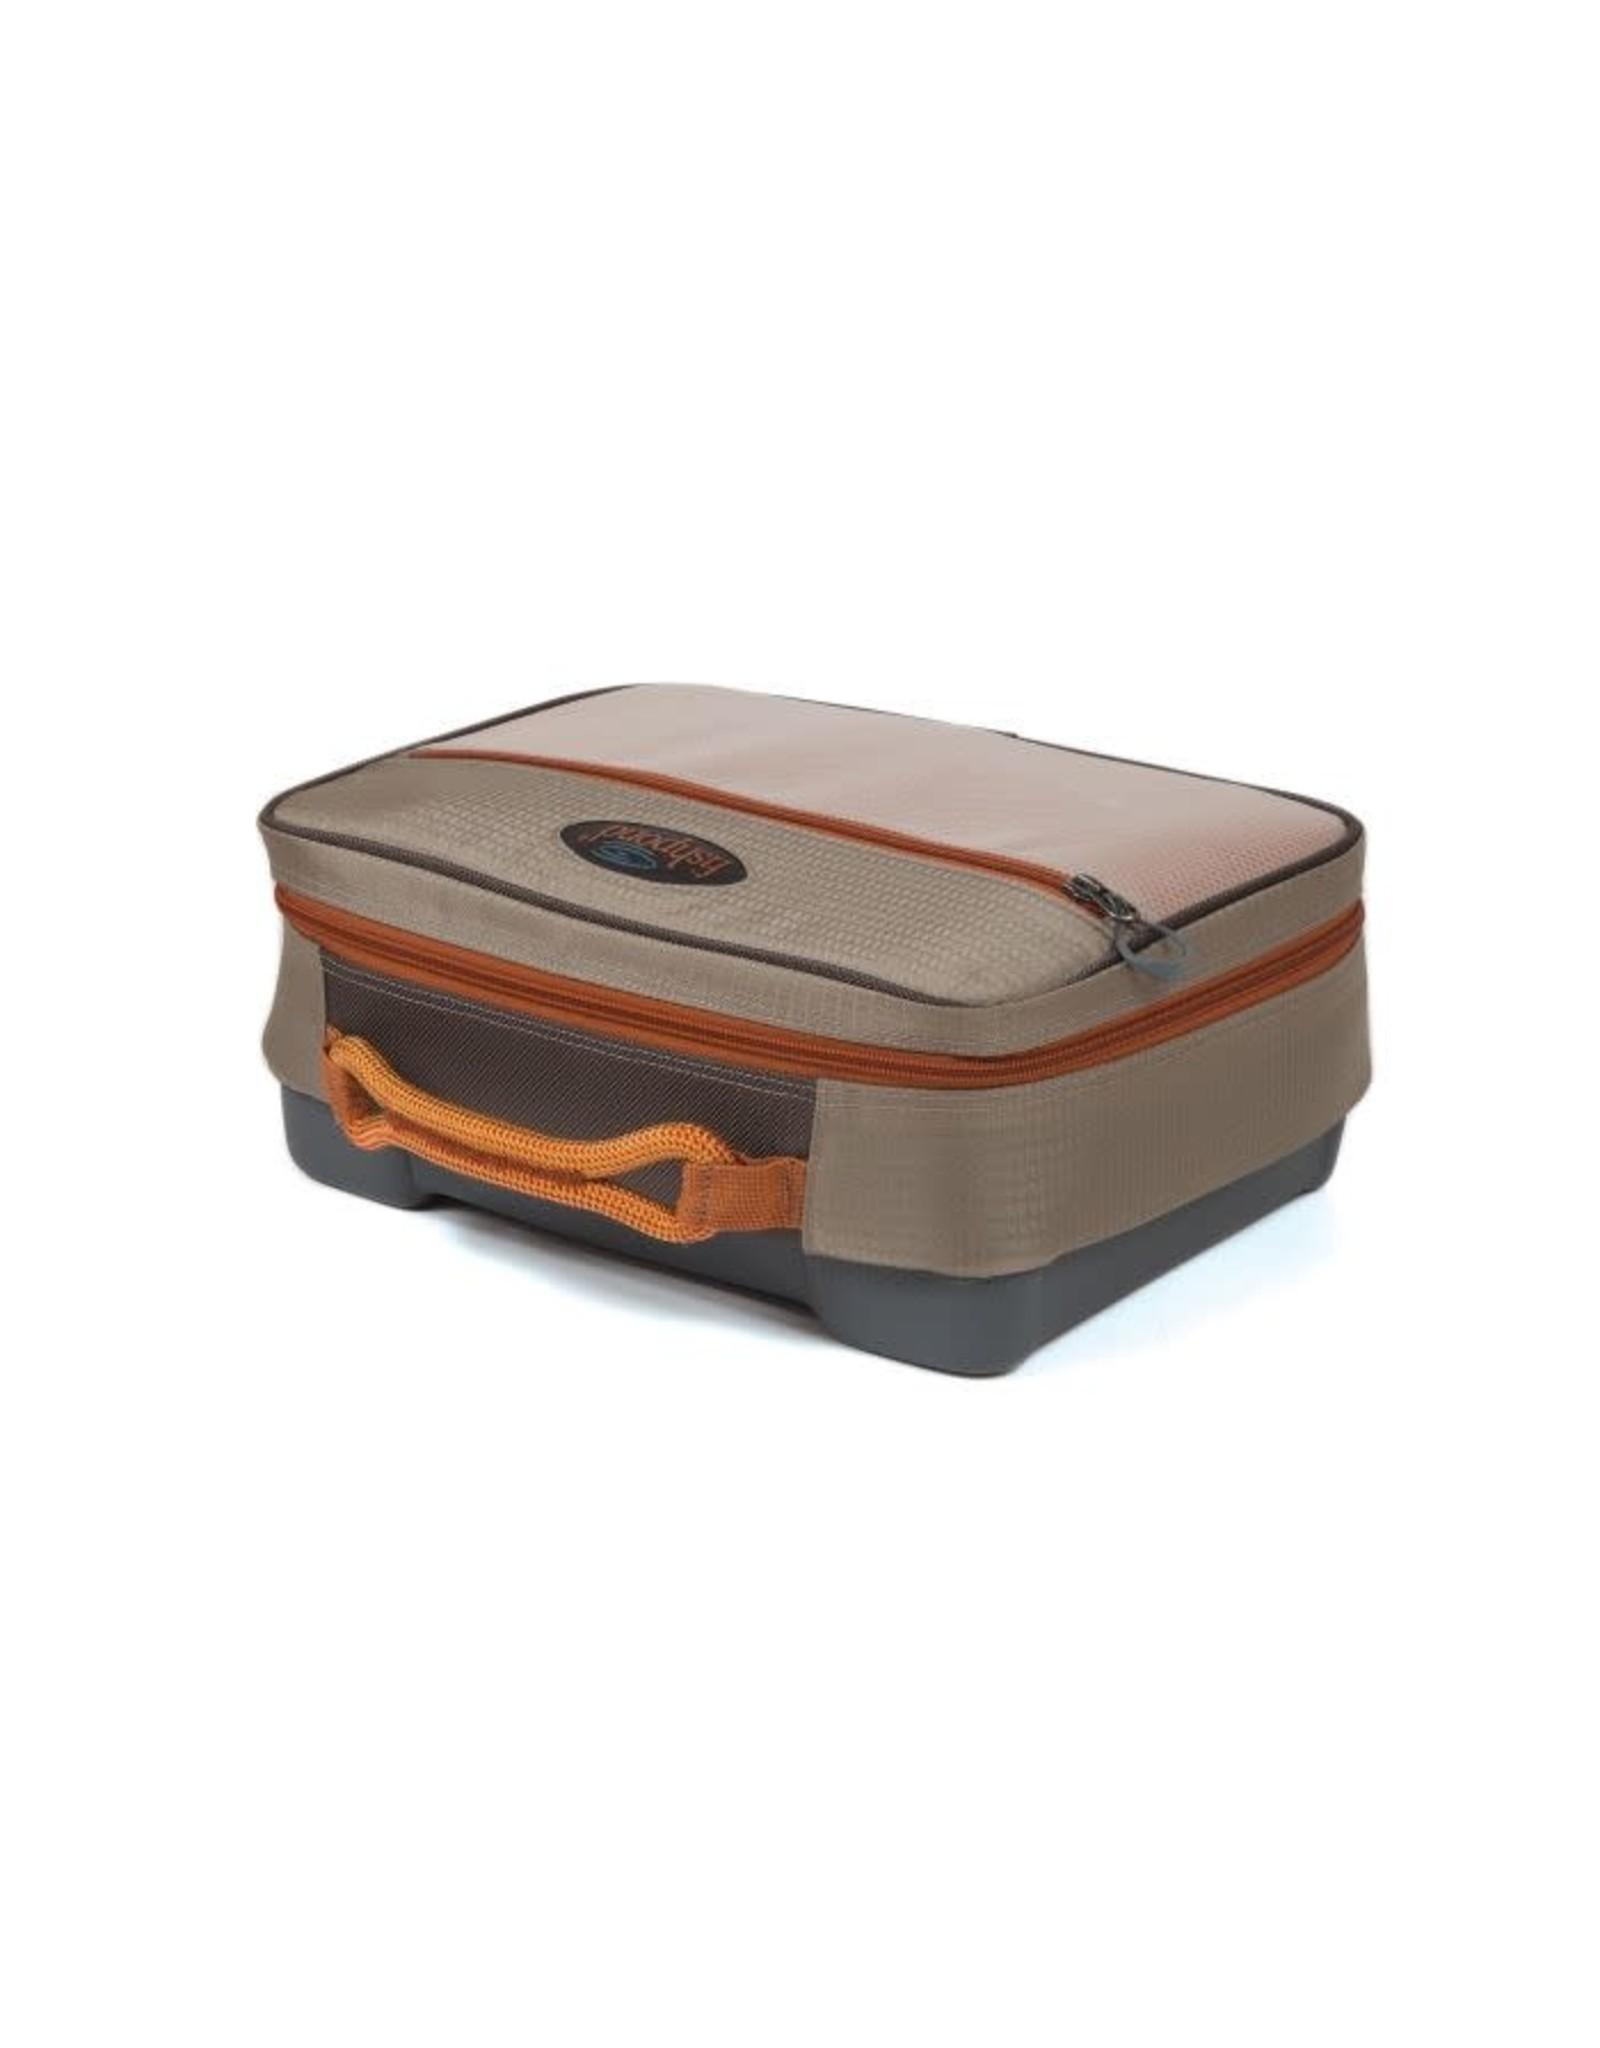 FISHPOND Fishpond Stowaway Reel Case - Granite